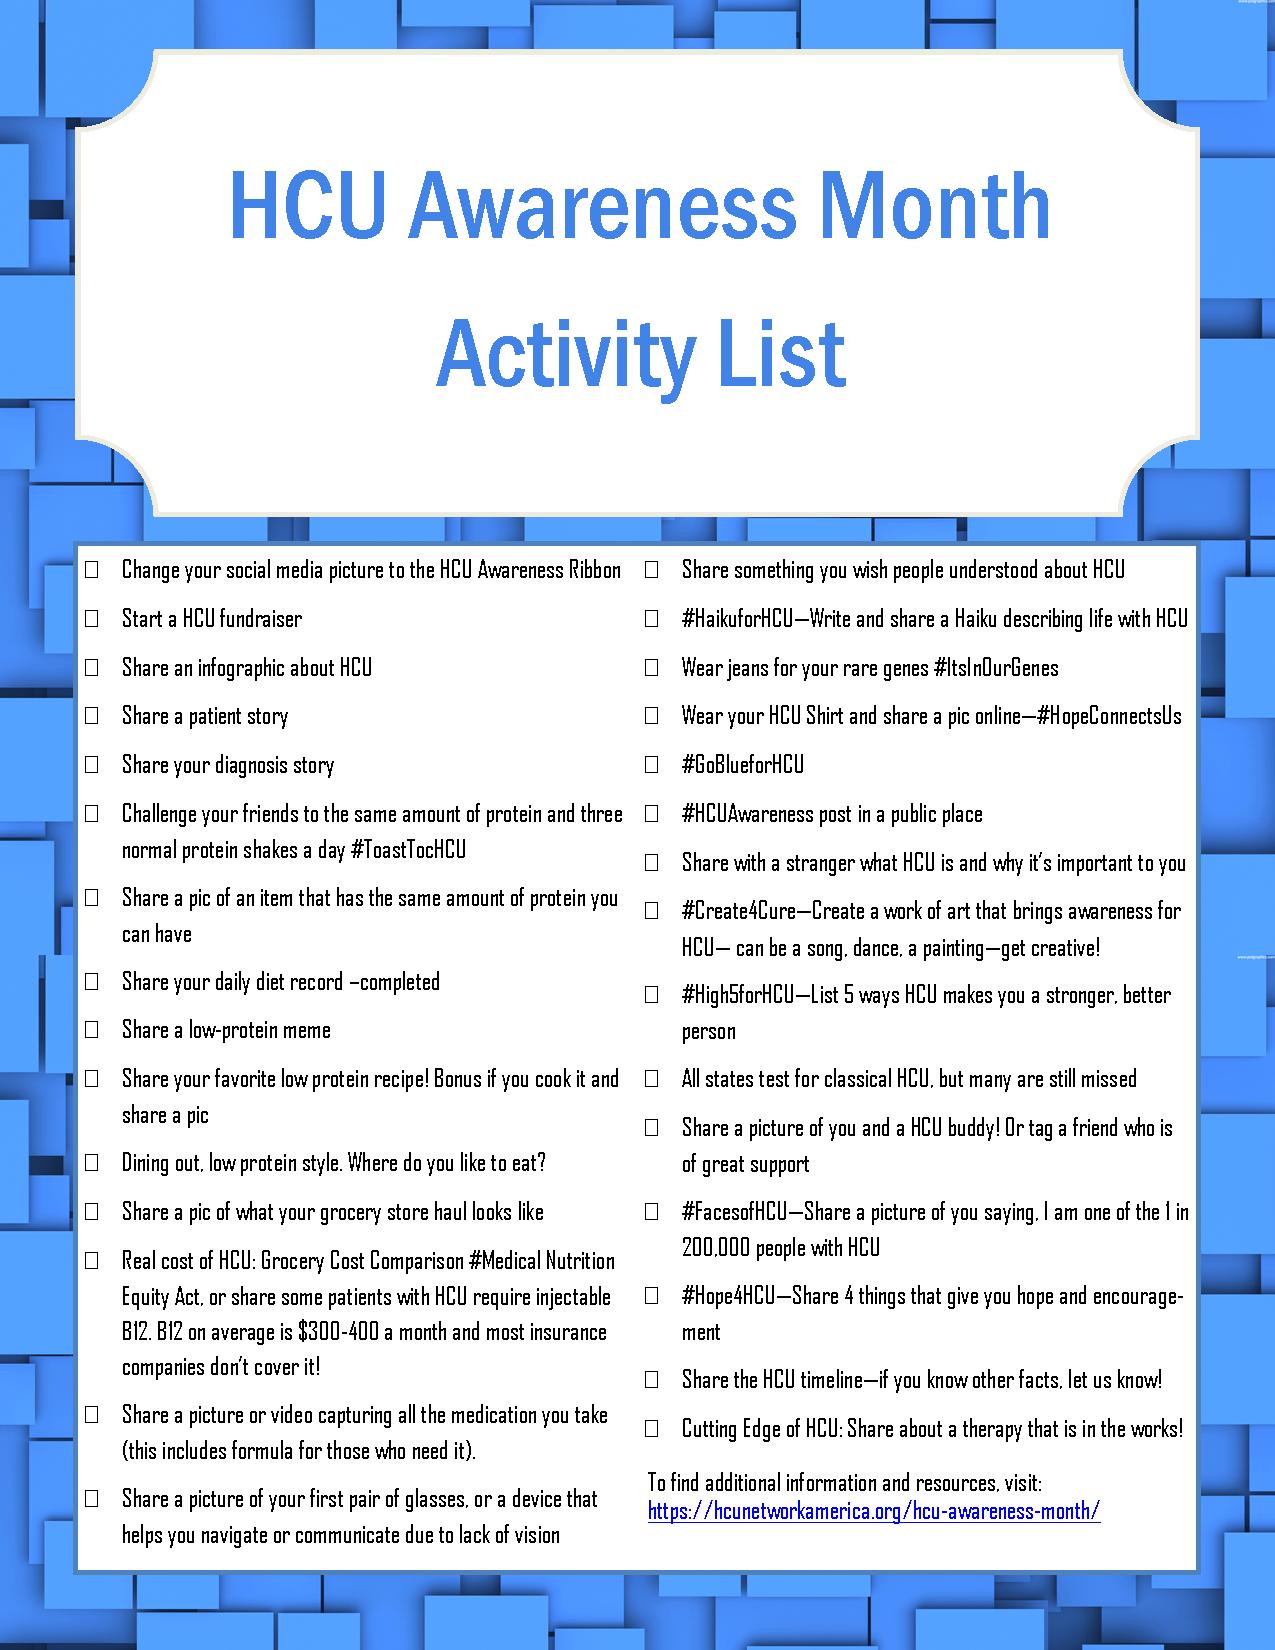 HCU Awareness Month Activity List